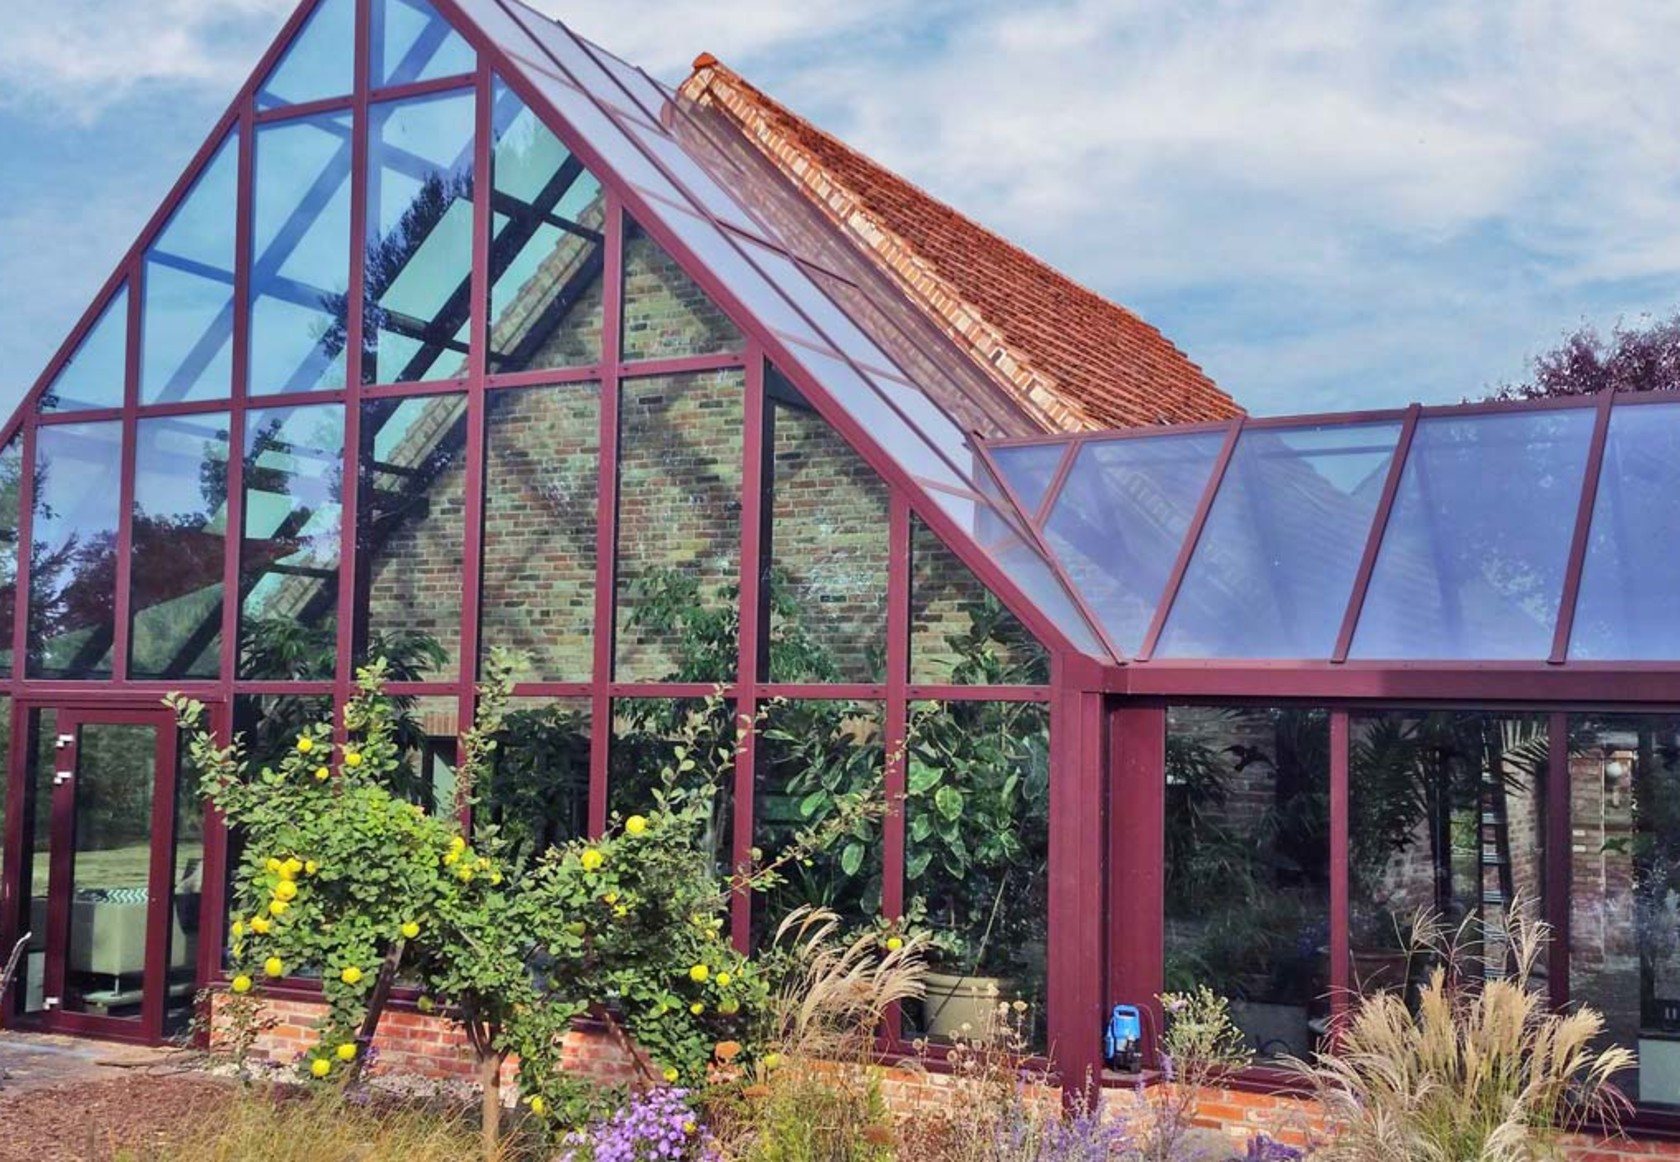 wintergartenbau berlin claas wintergartenbau berlin gmbh individuelle l sungen in einem. Black Bedroom Furniture Sets. Home Design Ideas